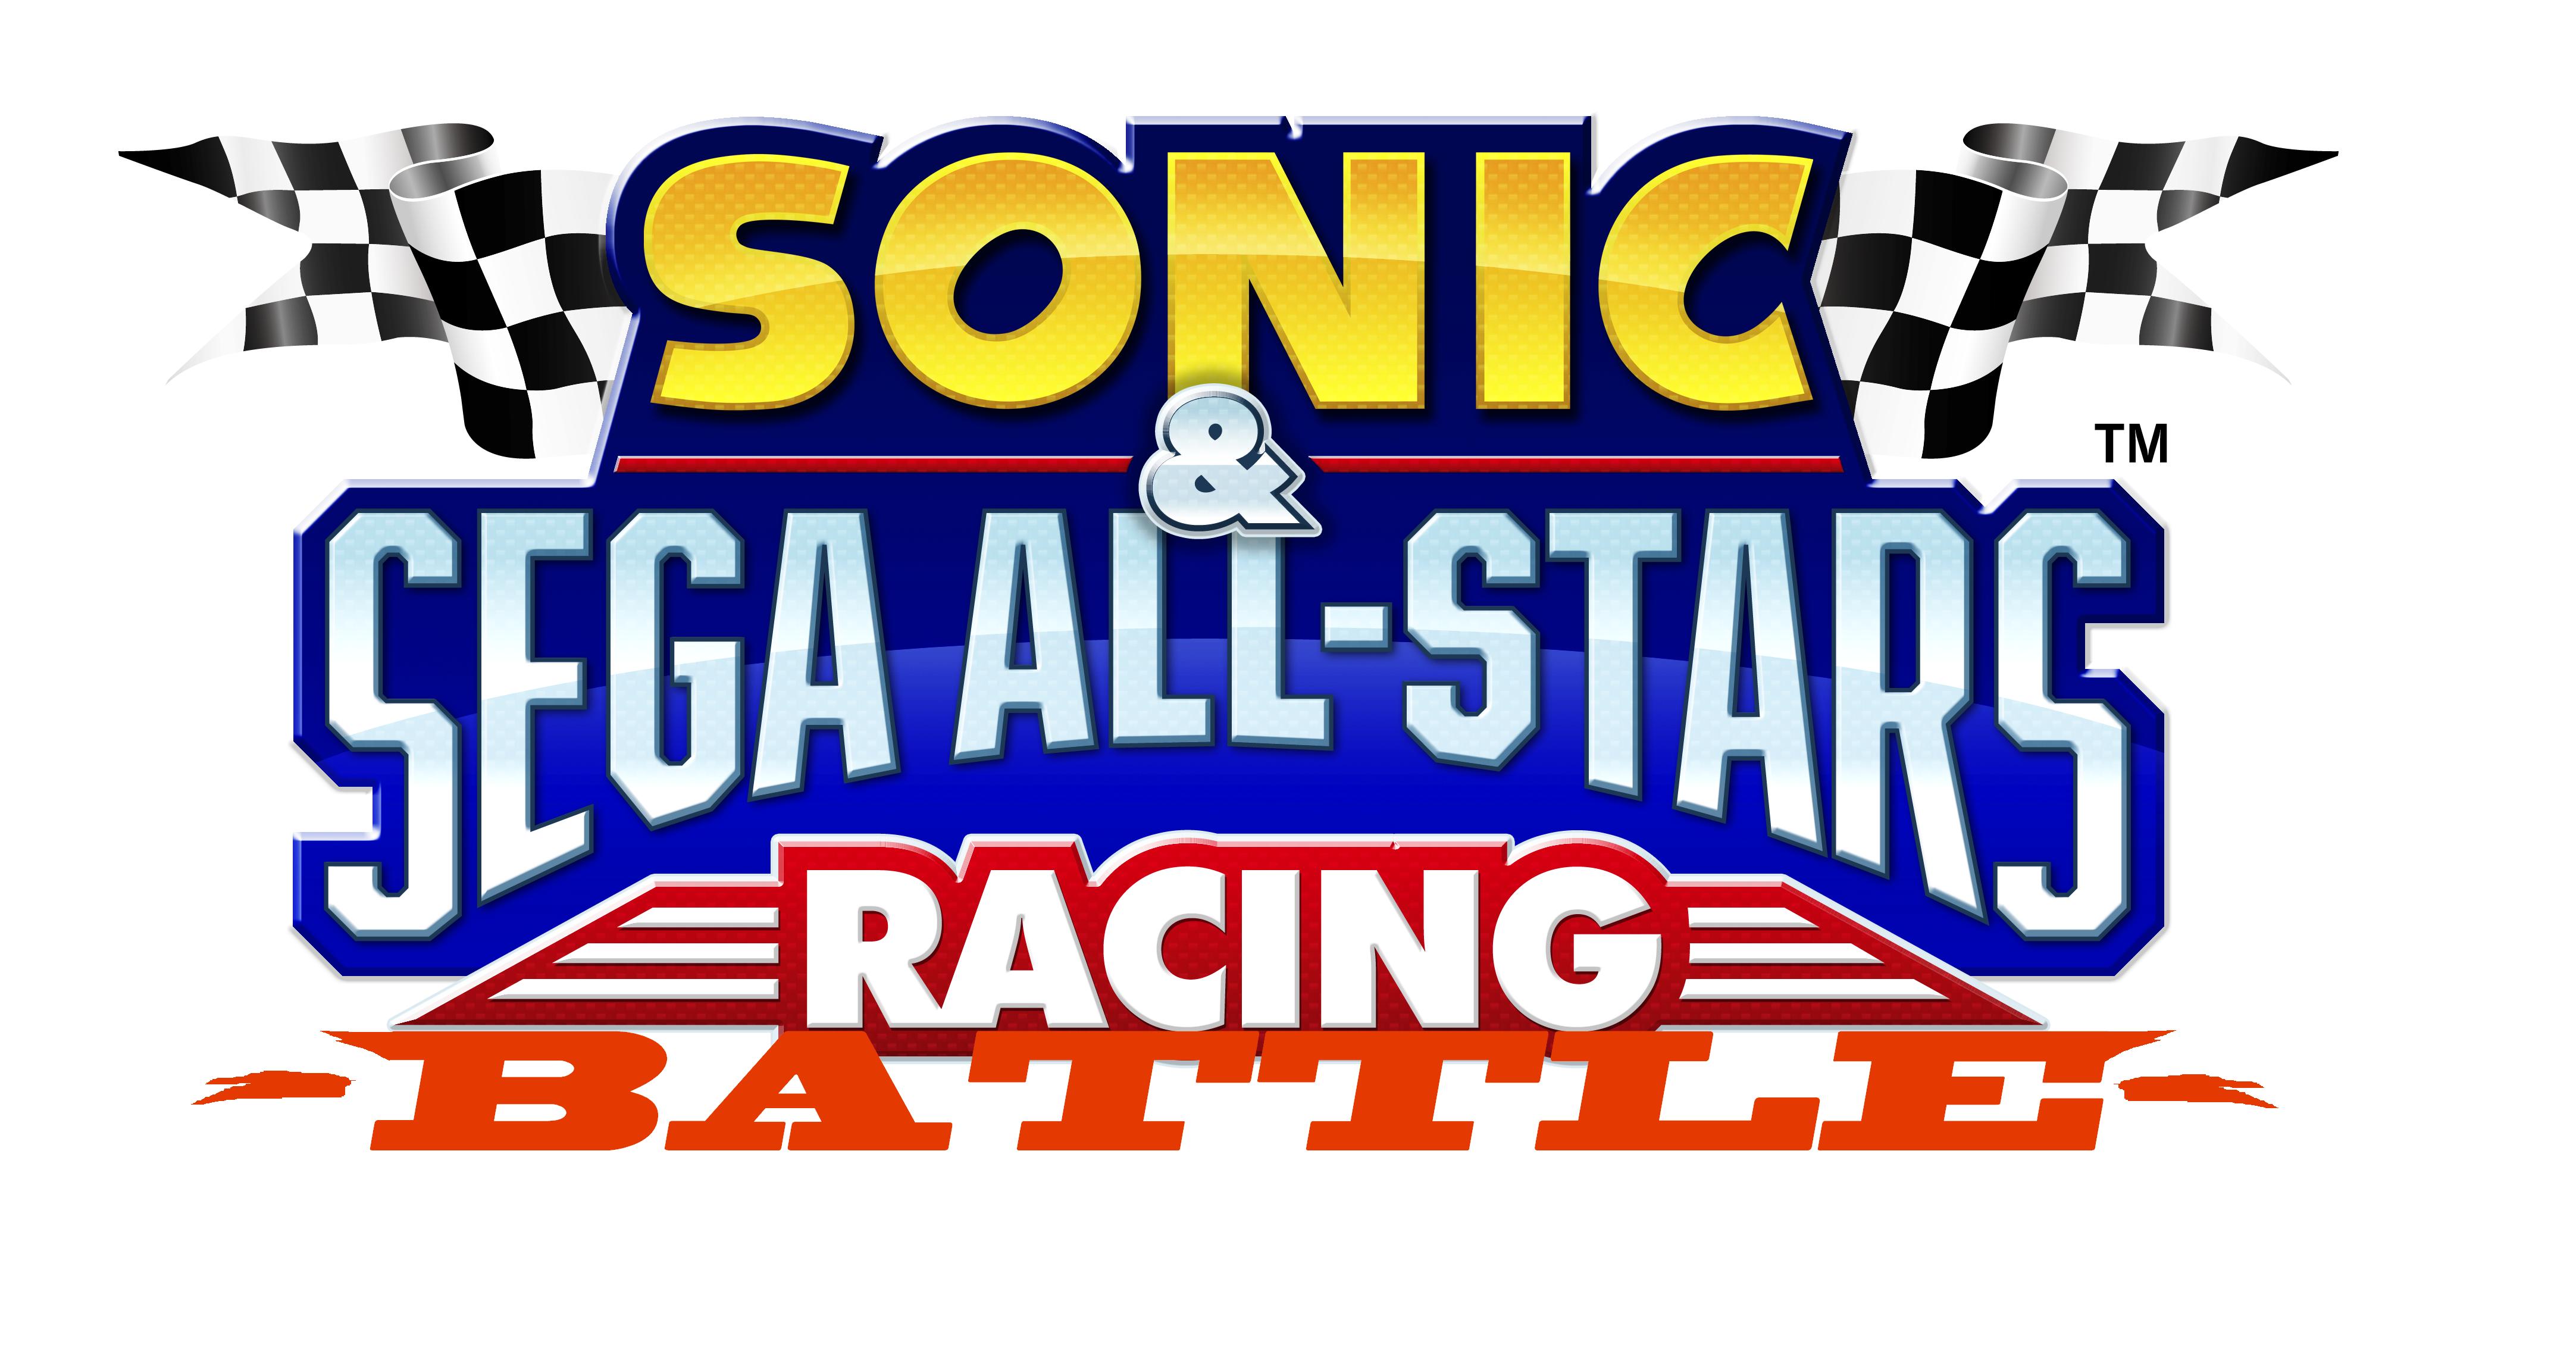 Sonic & Sega All-Stars Racing Battle